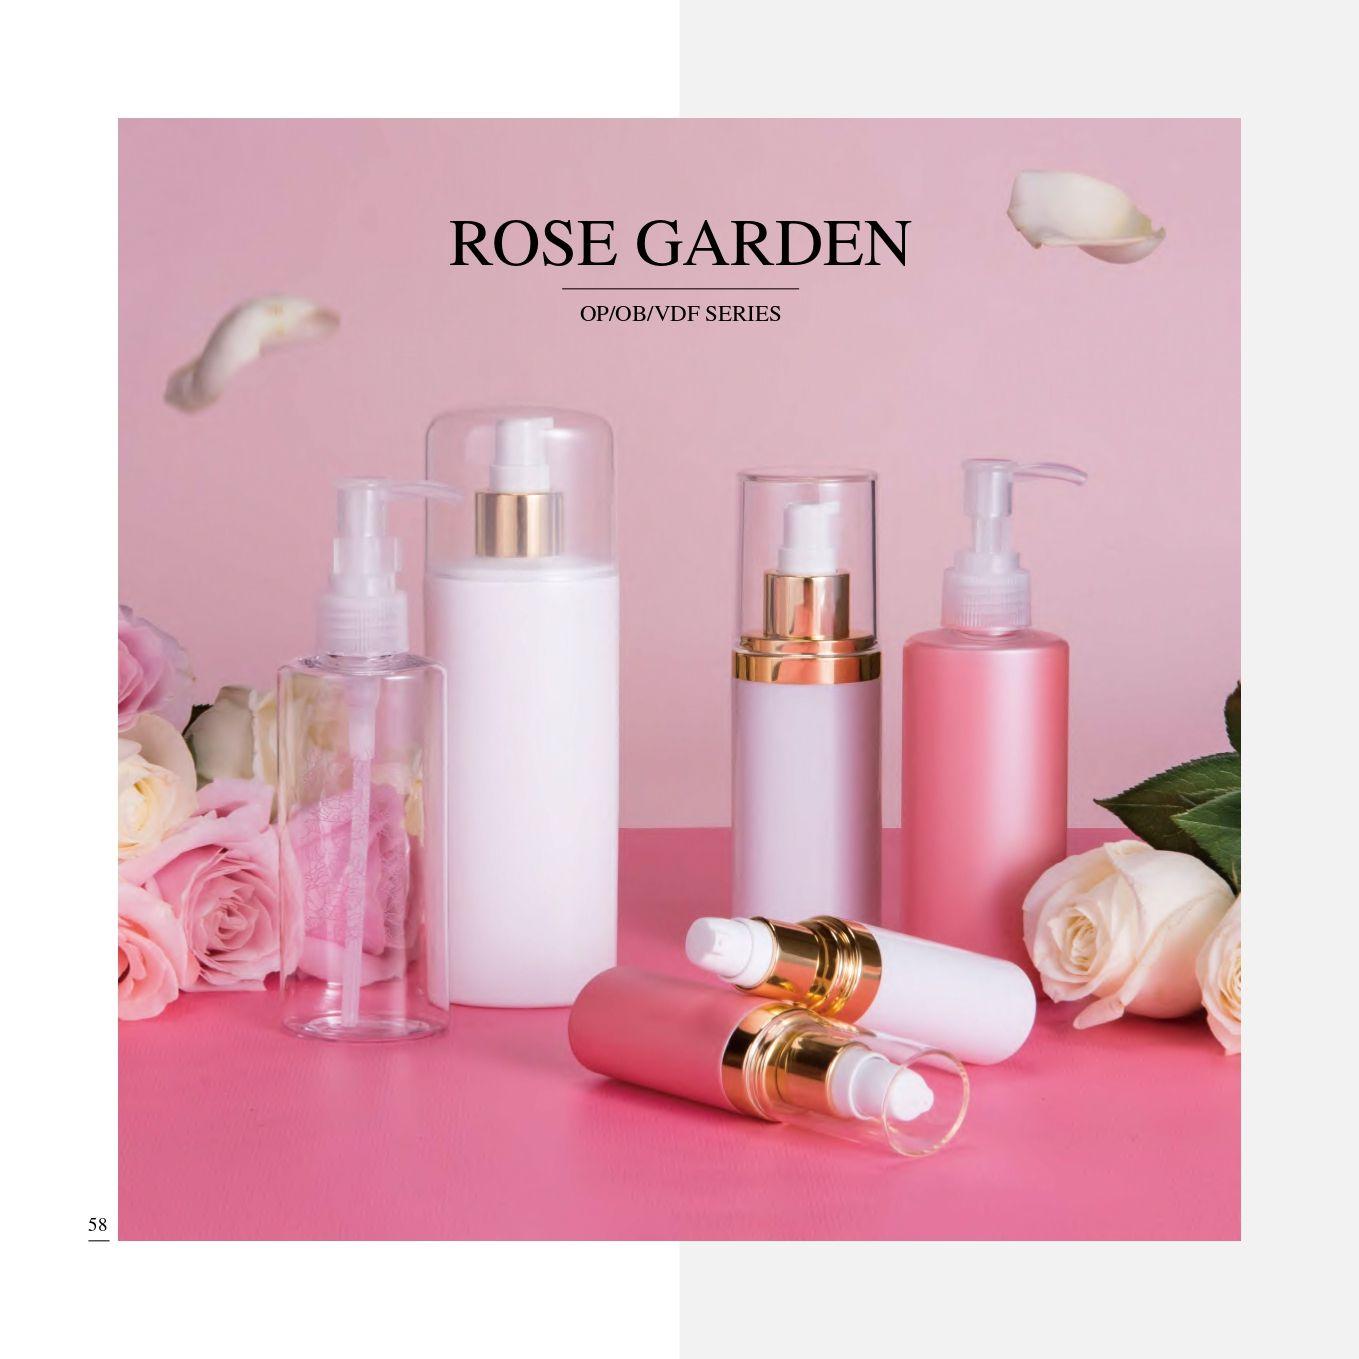 Bentuk Oval PETG / PP Kosmetik Mewah & Kemasan Perawatan Kulit - Koleksi Pengemasan Kosmetik - Rose Garden